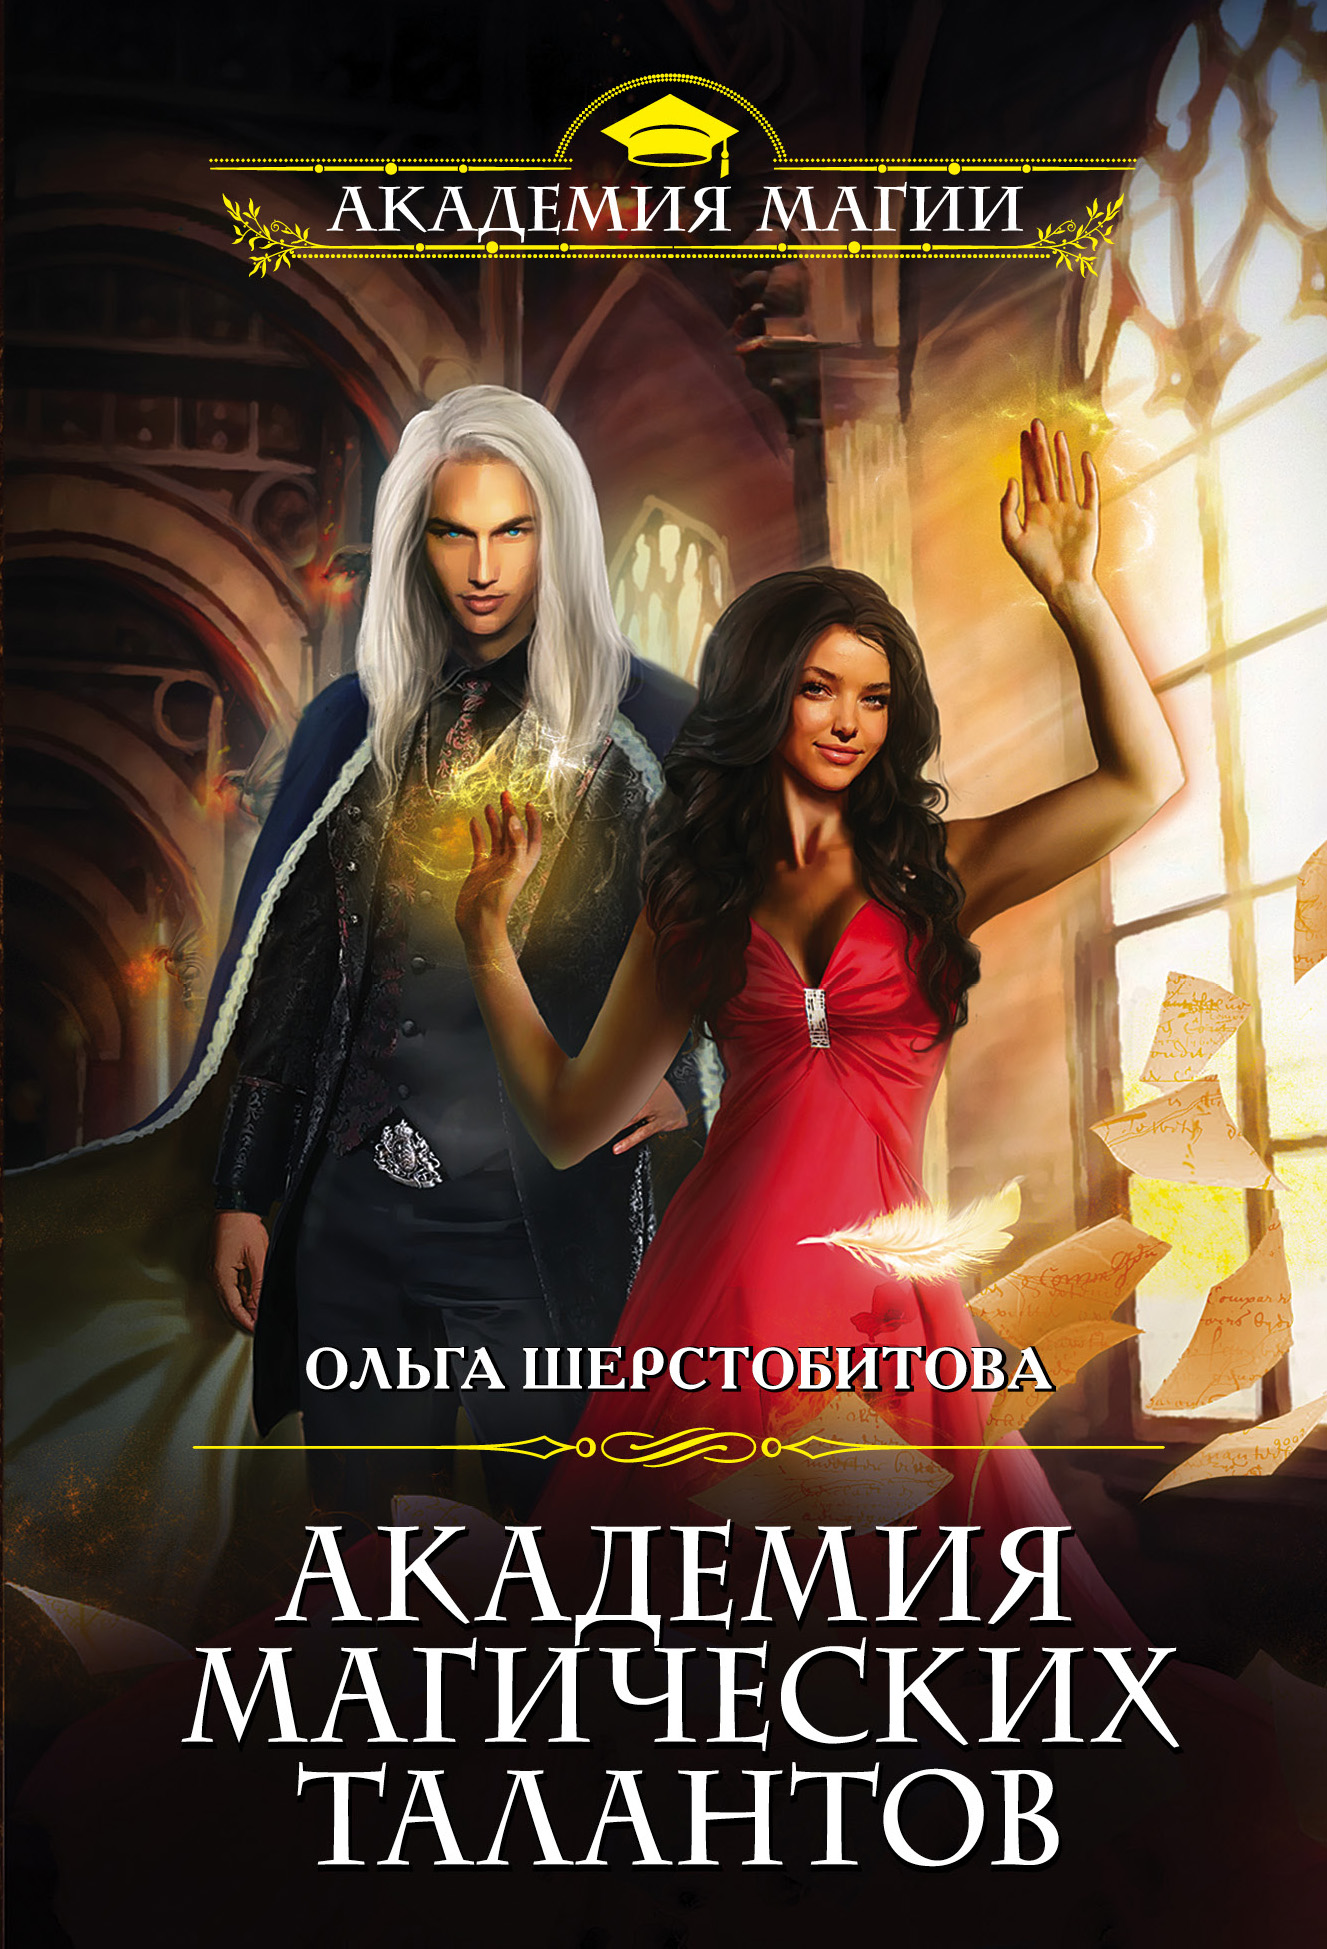 Ольга Шерстобитова Академия Магических Талантов